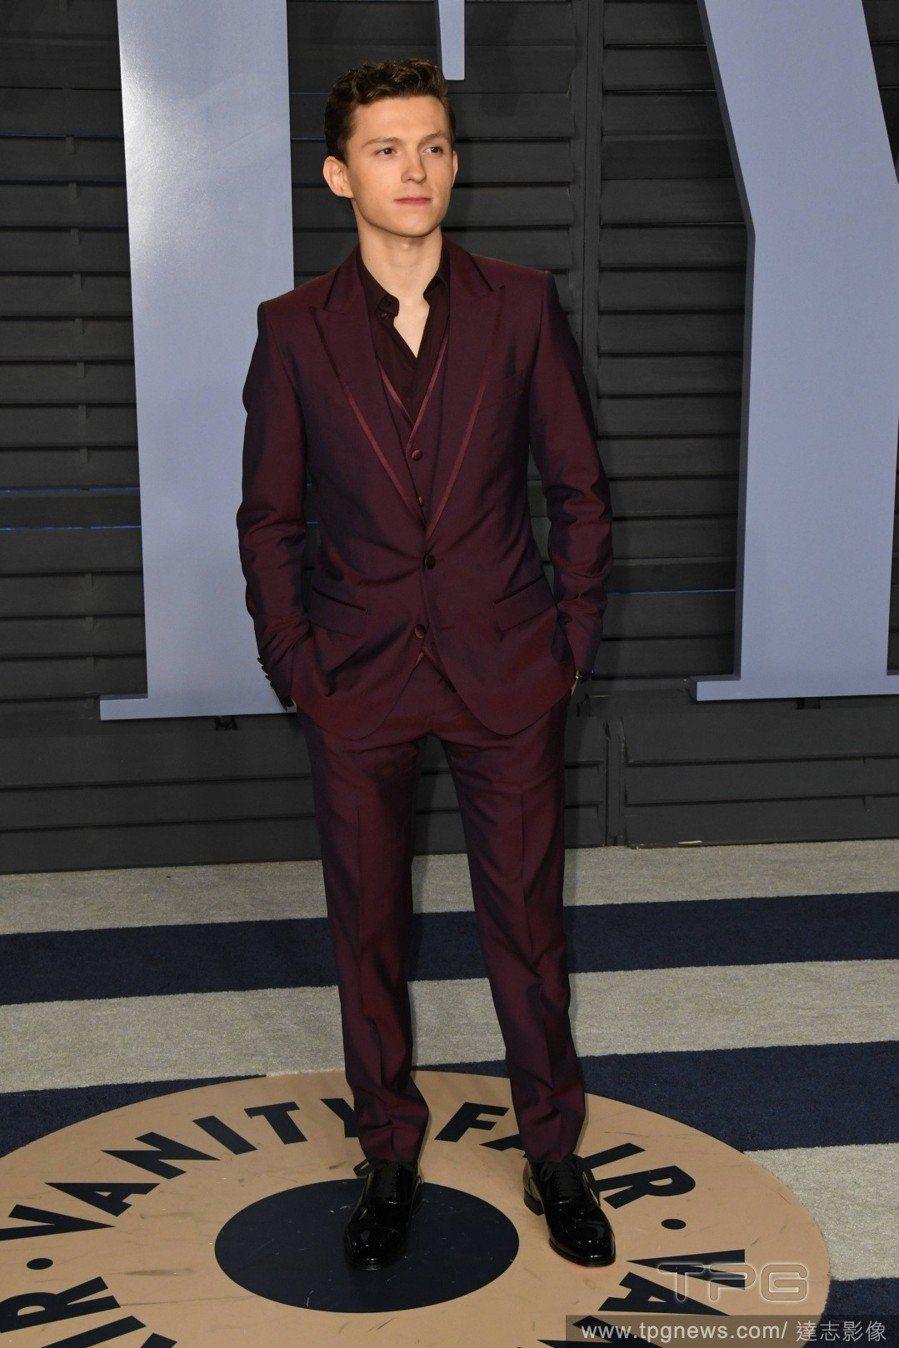 「蜘蛛人」Tom Holland改以勃根地紅的晚宴服參加派對,不繫領結的穿搭,反...